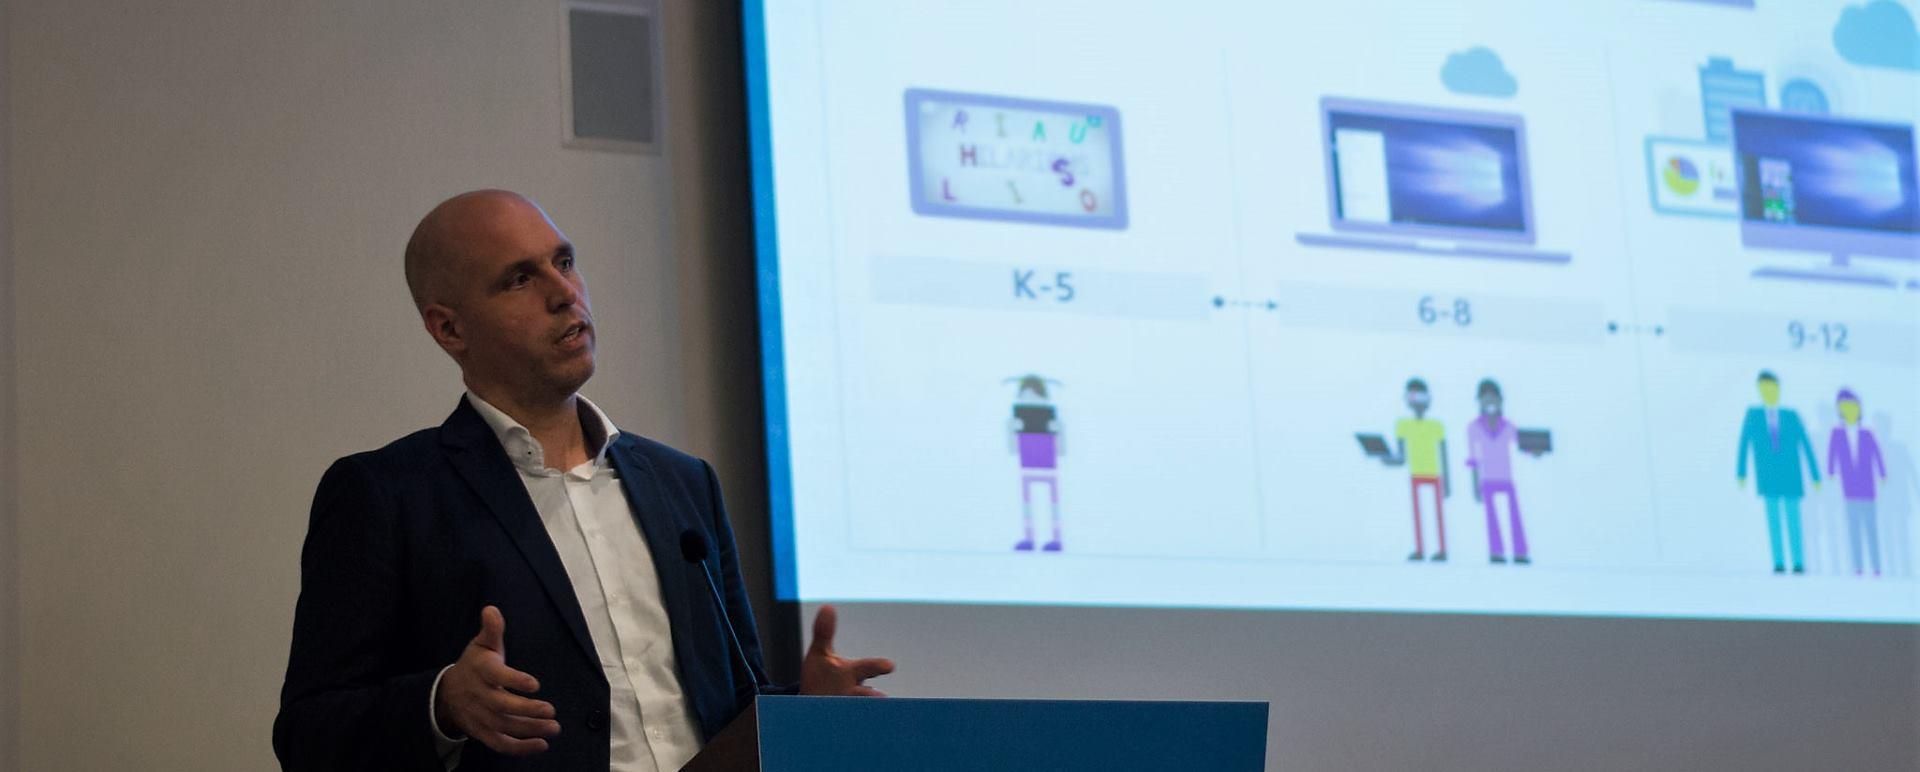 DEVICE DAYS 2016 Predstavljeni specijalno dizajnirani uređaji Microsofta i HP Inc.-a za hrvatski obrazovni sustav